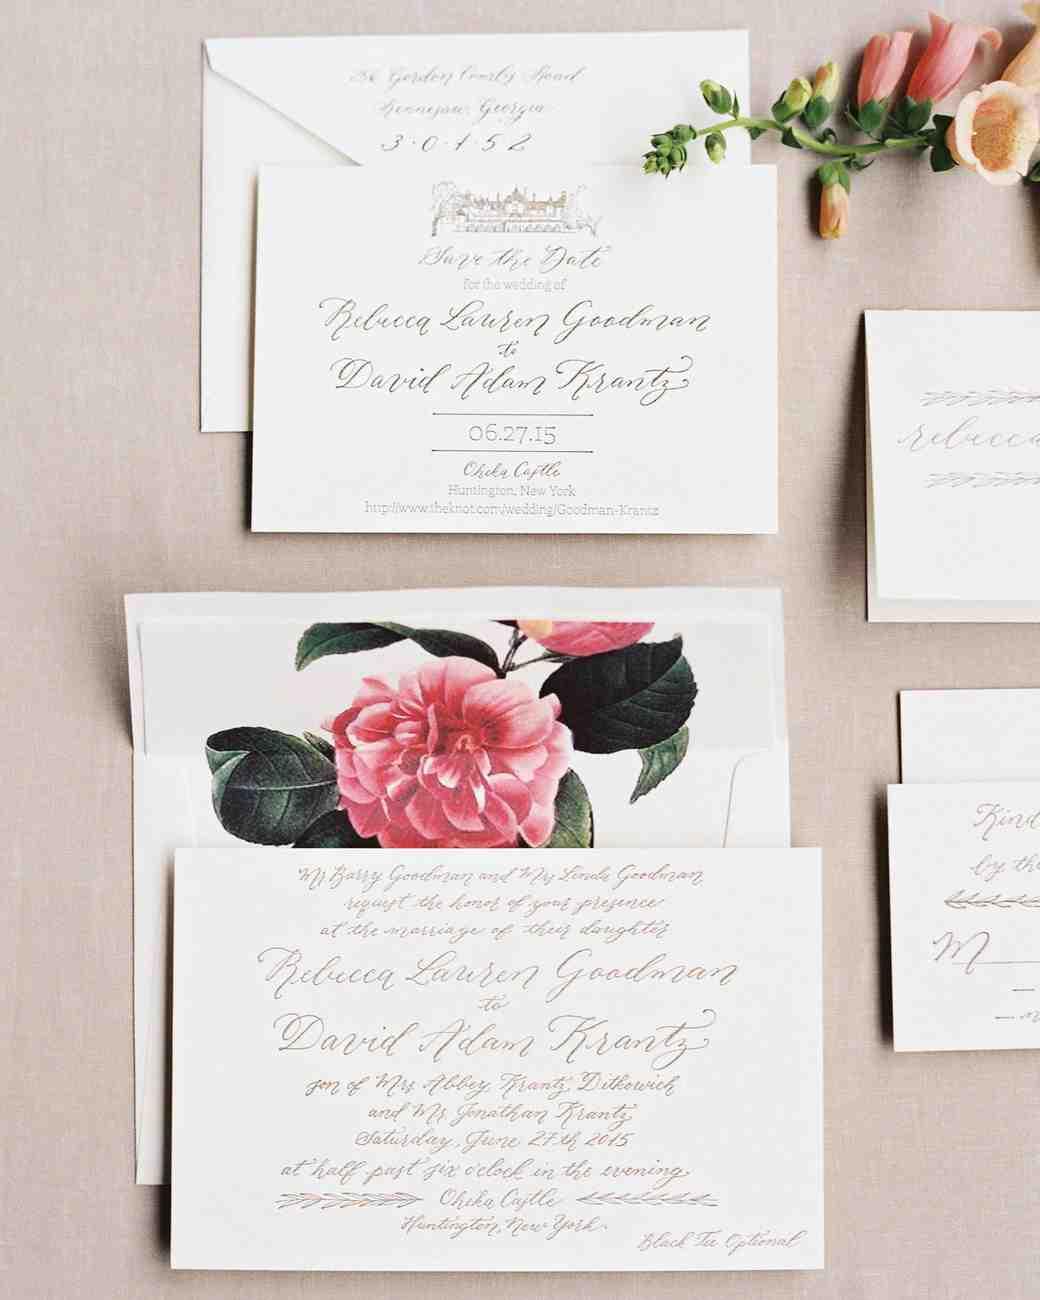 the freshest spring wedding invitations | martha stewart weddings, Wedding invitations